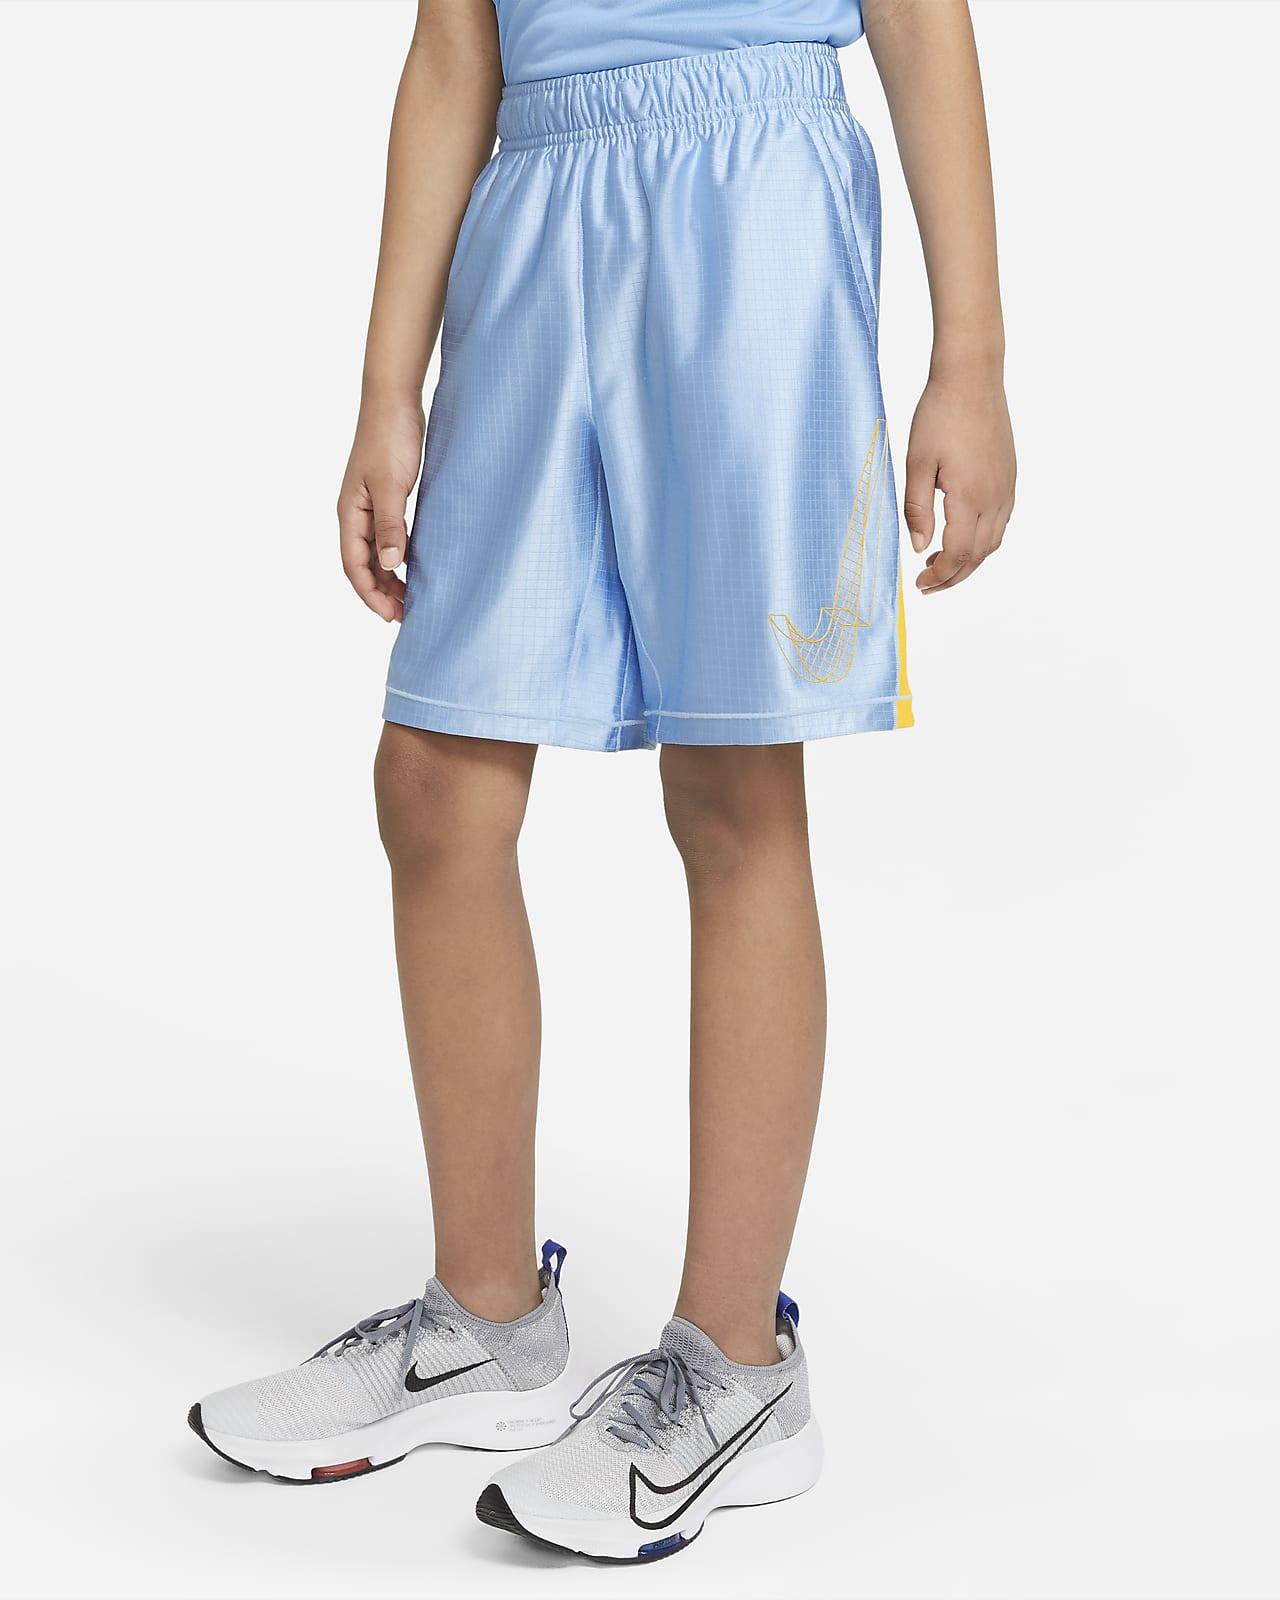 Nike Dri-FIT-shorts med grafik til store børn (drenge)